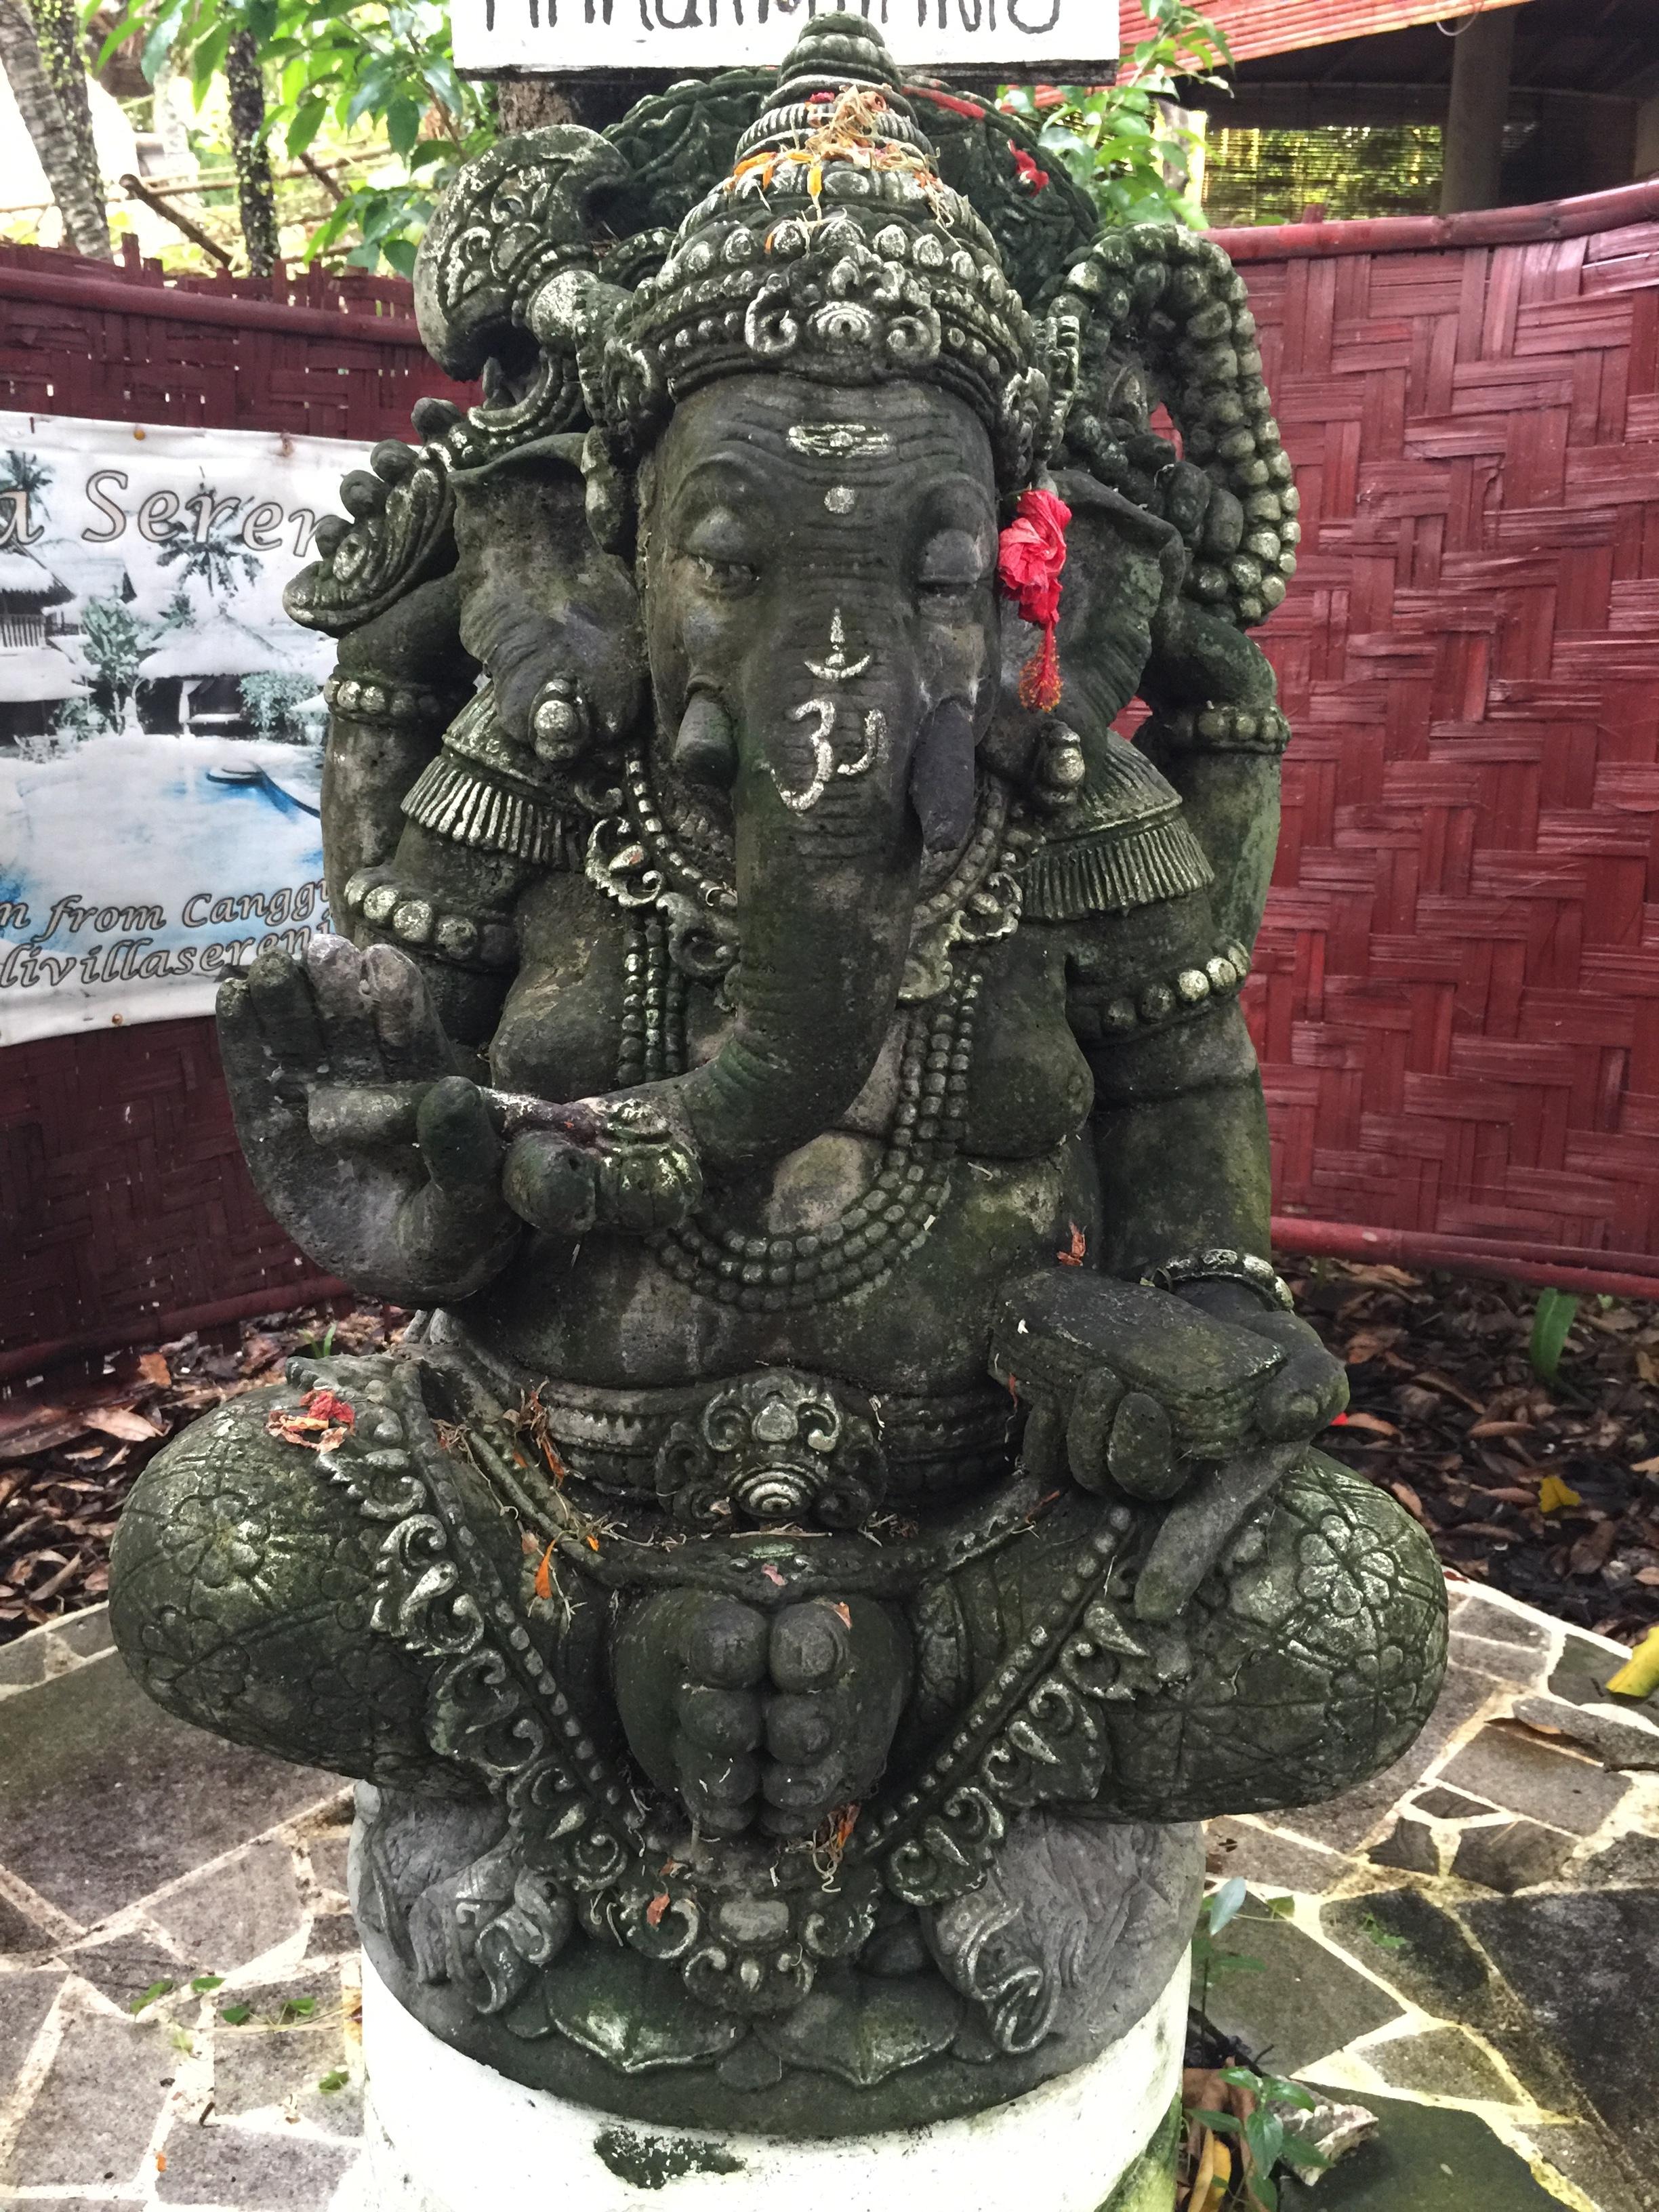 Ganesh at Serenity Eco Guesthouse.